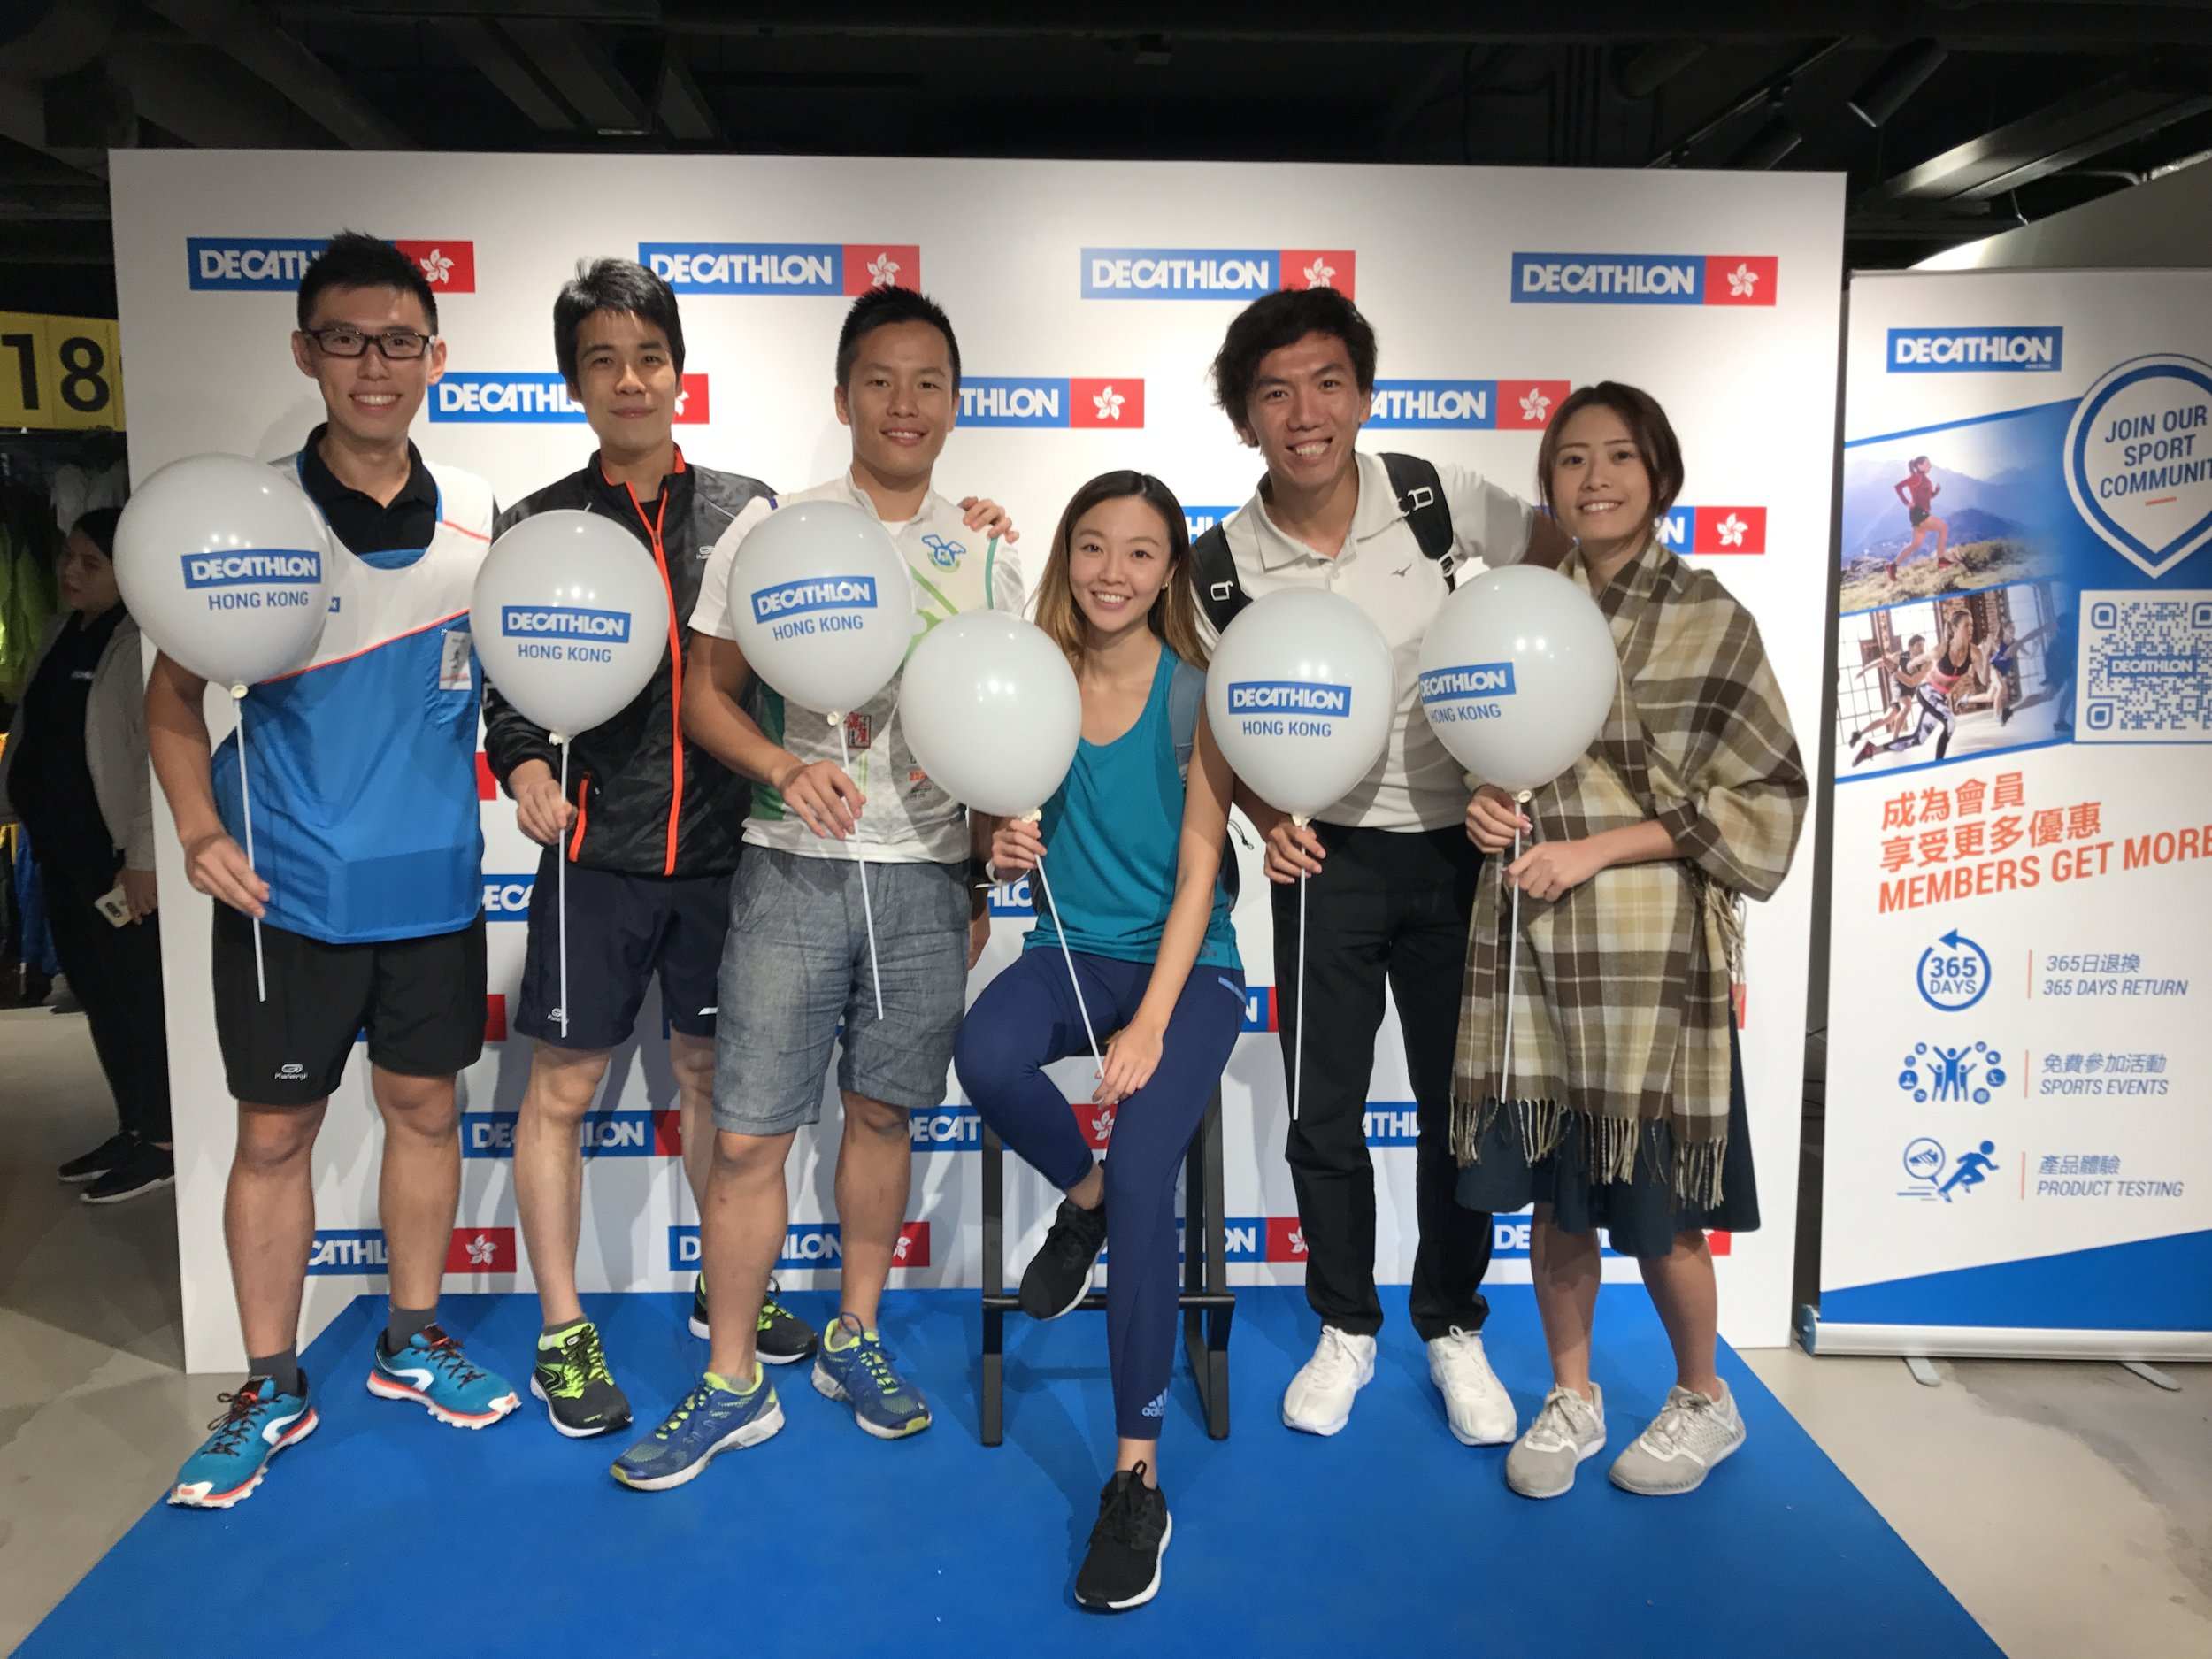 Decathlon Sports Lovers Day - 剛過去的週日為法國品牌Decathlon香港旗艦店開張前的Sports lovers day,Lily教練、文教練以及幾位同學參與其中,試驗唔同運動產品,包括滑板,遠足,瑜伽,拳擊等等。Decathlon過去以超便宜及不錯的產品質素為賣點,加上超多種運動項目,並提供網購、免費送貨以及365日產品退換等配套,相信以佢哋嘅服務和產品,肯定會為各運動品牌帶來衝擊。